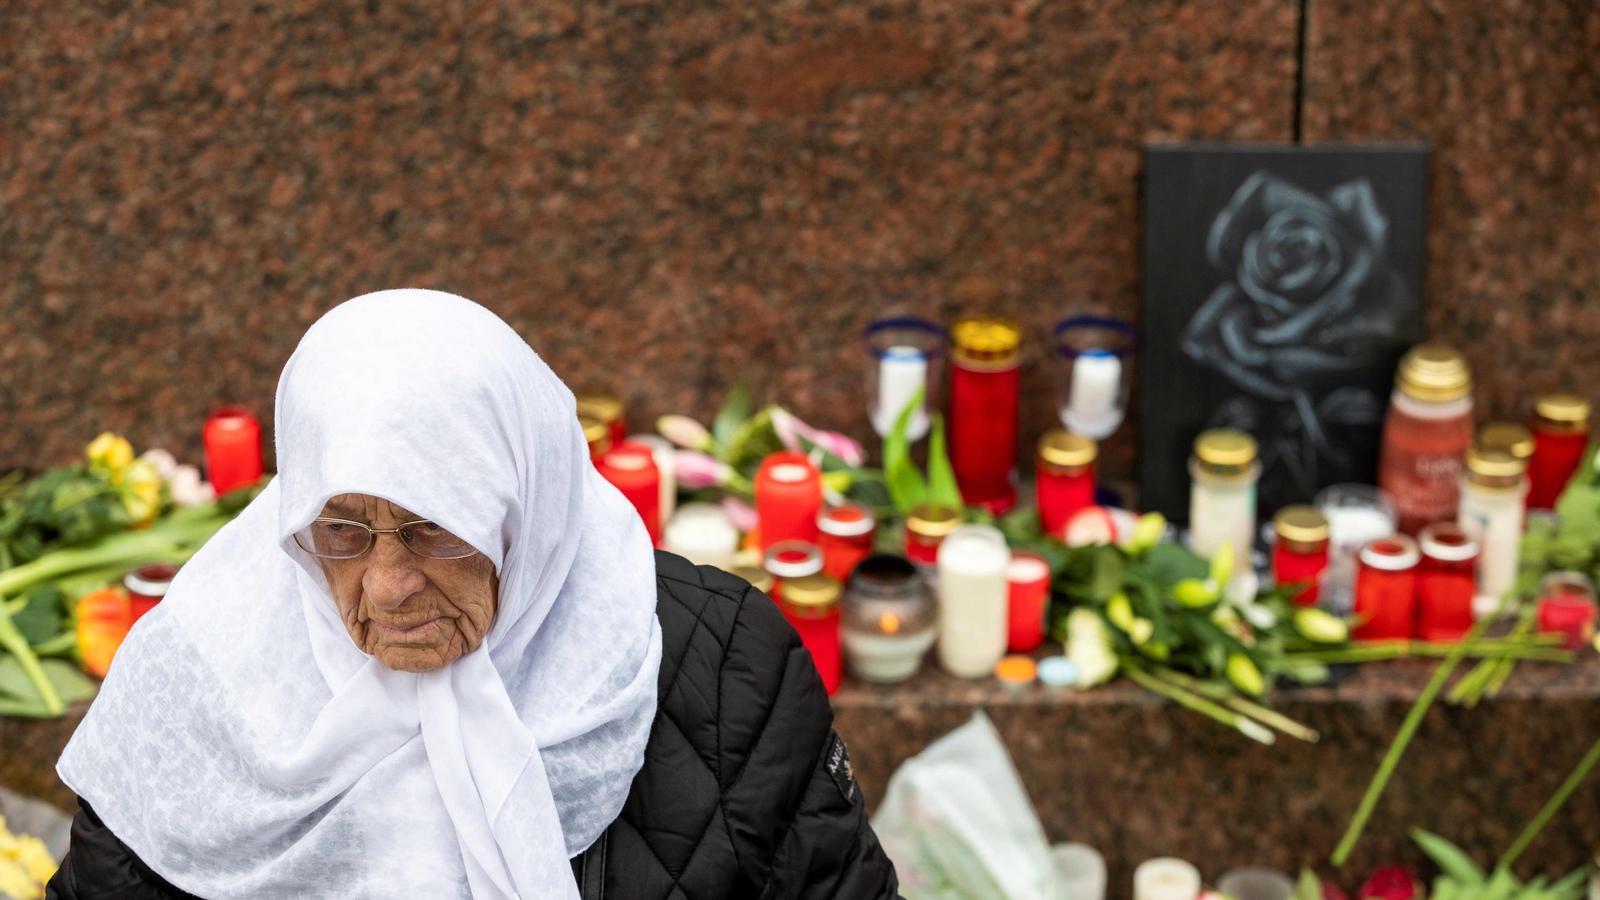 Una dona recorda les víctimes de l'atemptat terrorista de dimecres a la ciutat alemanya de Hanau.